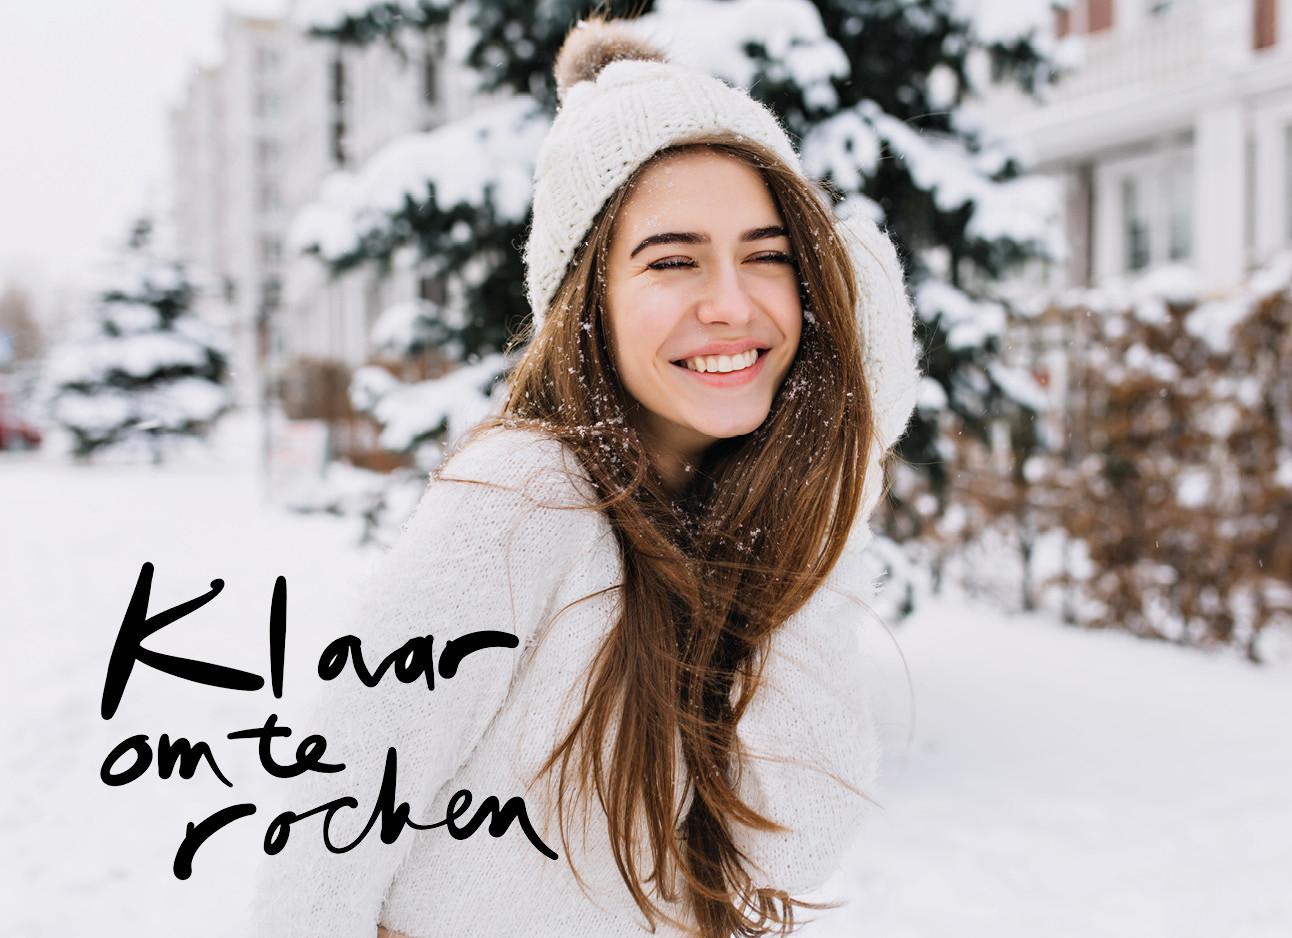 eenmeisje met bruin haar dat lachend in de sneeuw staat